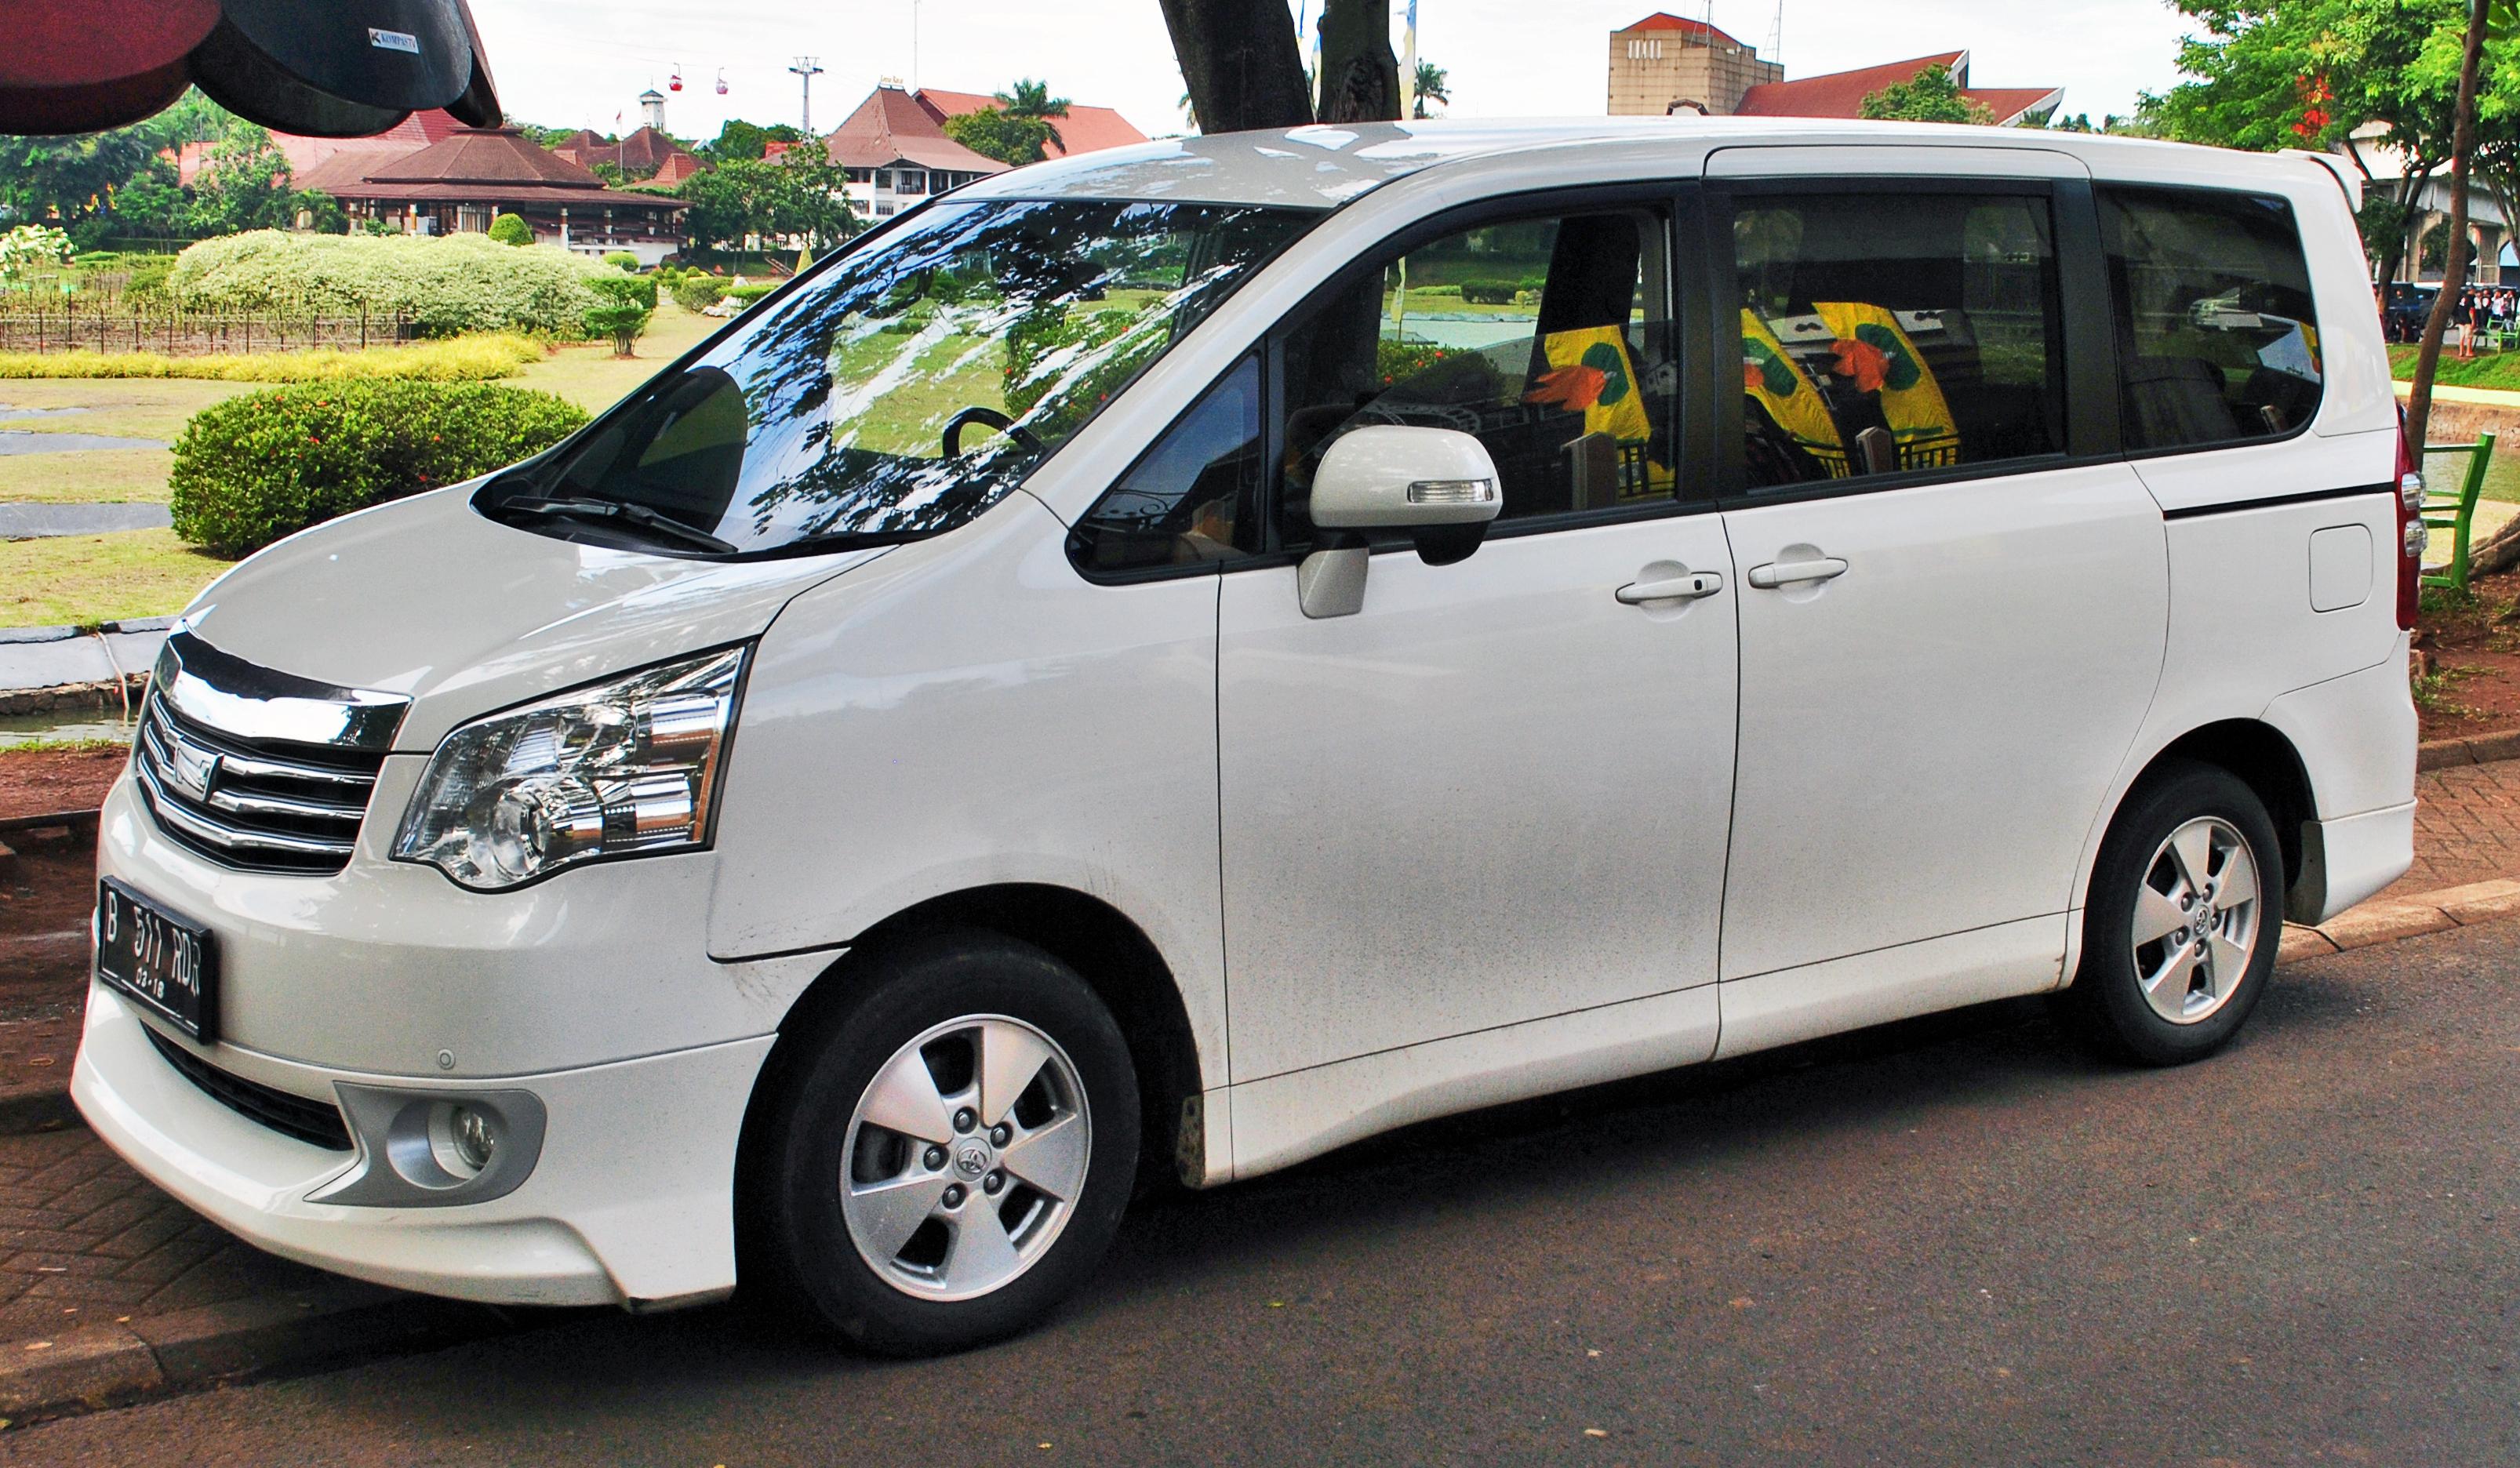 File:Toyota NAV1 (front), Jakarta.jpg